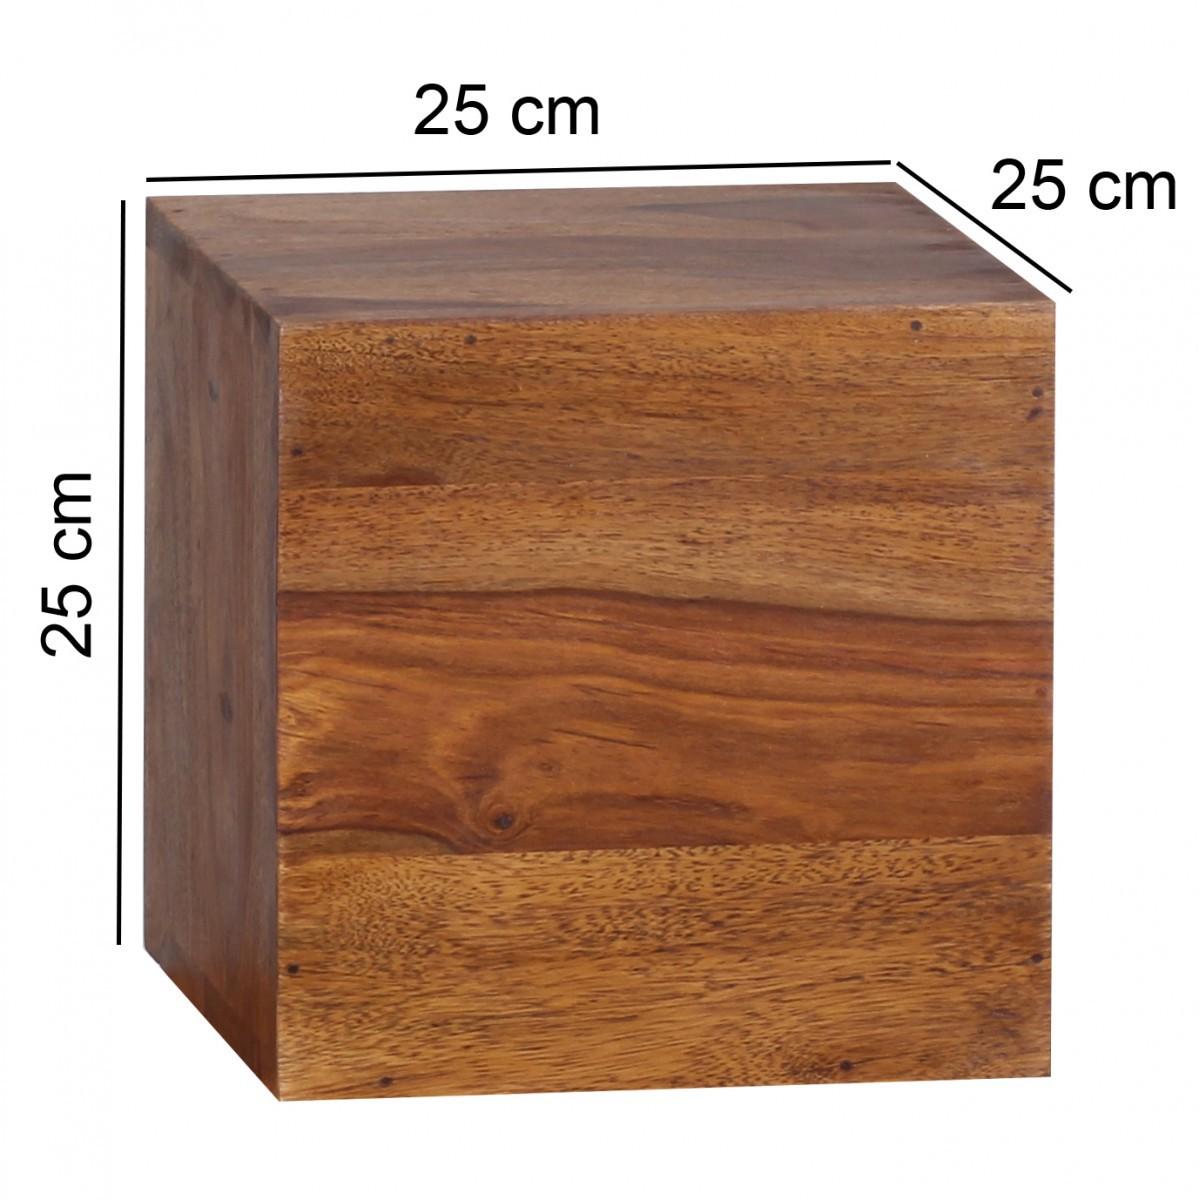 Hngeregal Holz. Good Full Size Of Wandregal Hngeregal Horizon Holz ...